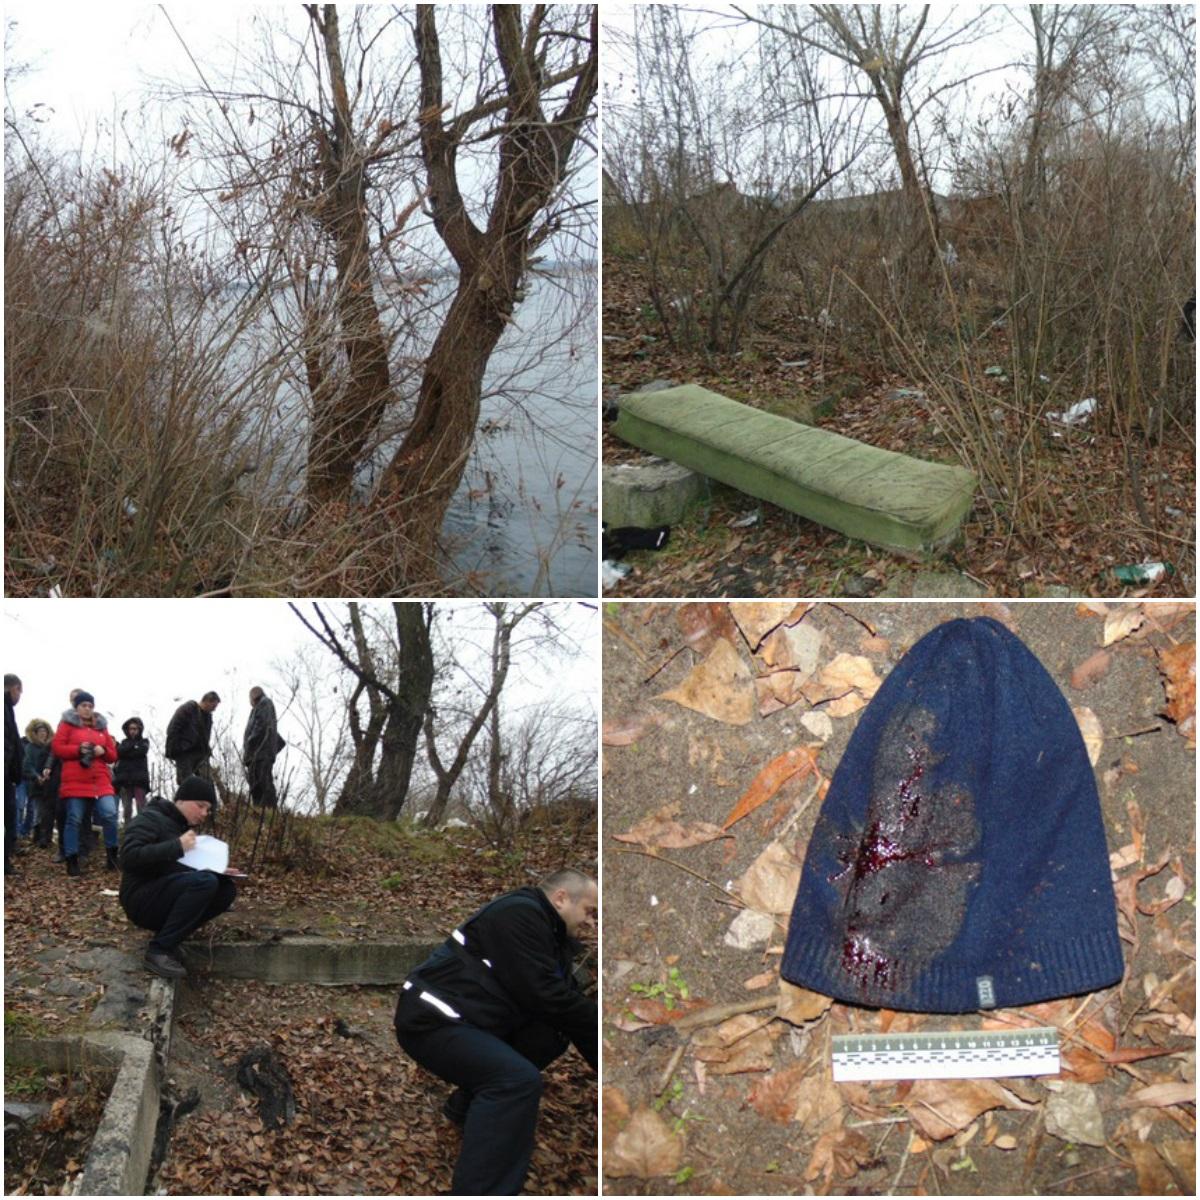 В Киеве на берегу реки нашли убитого мужчину